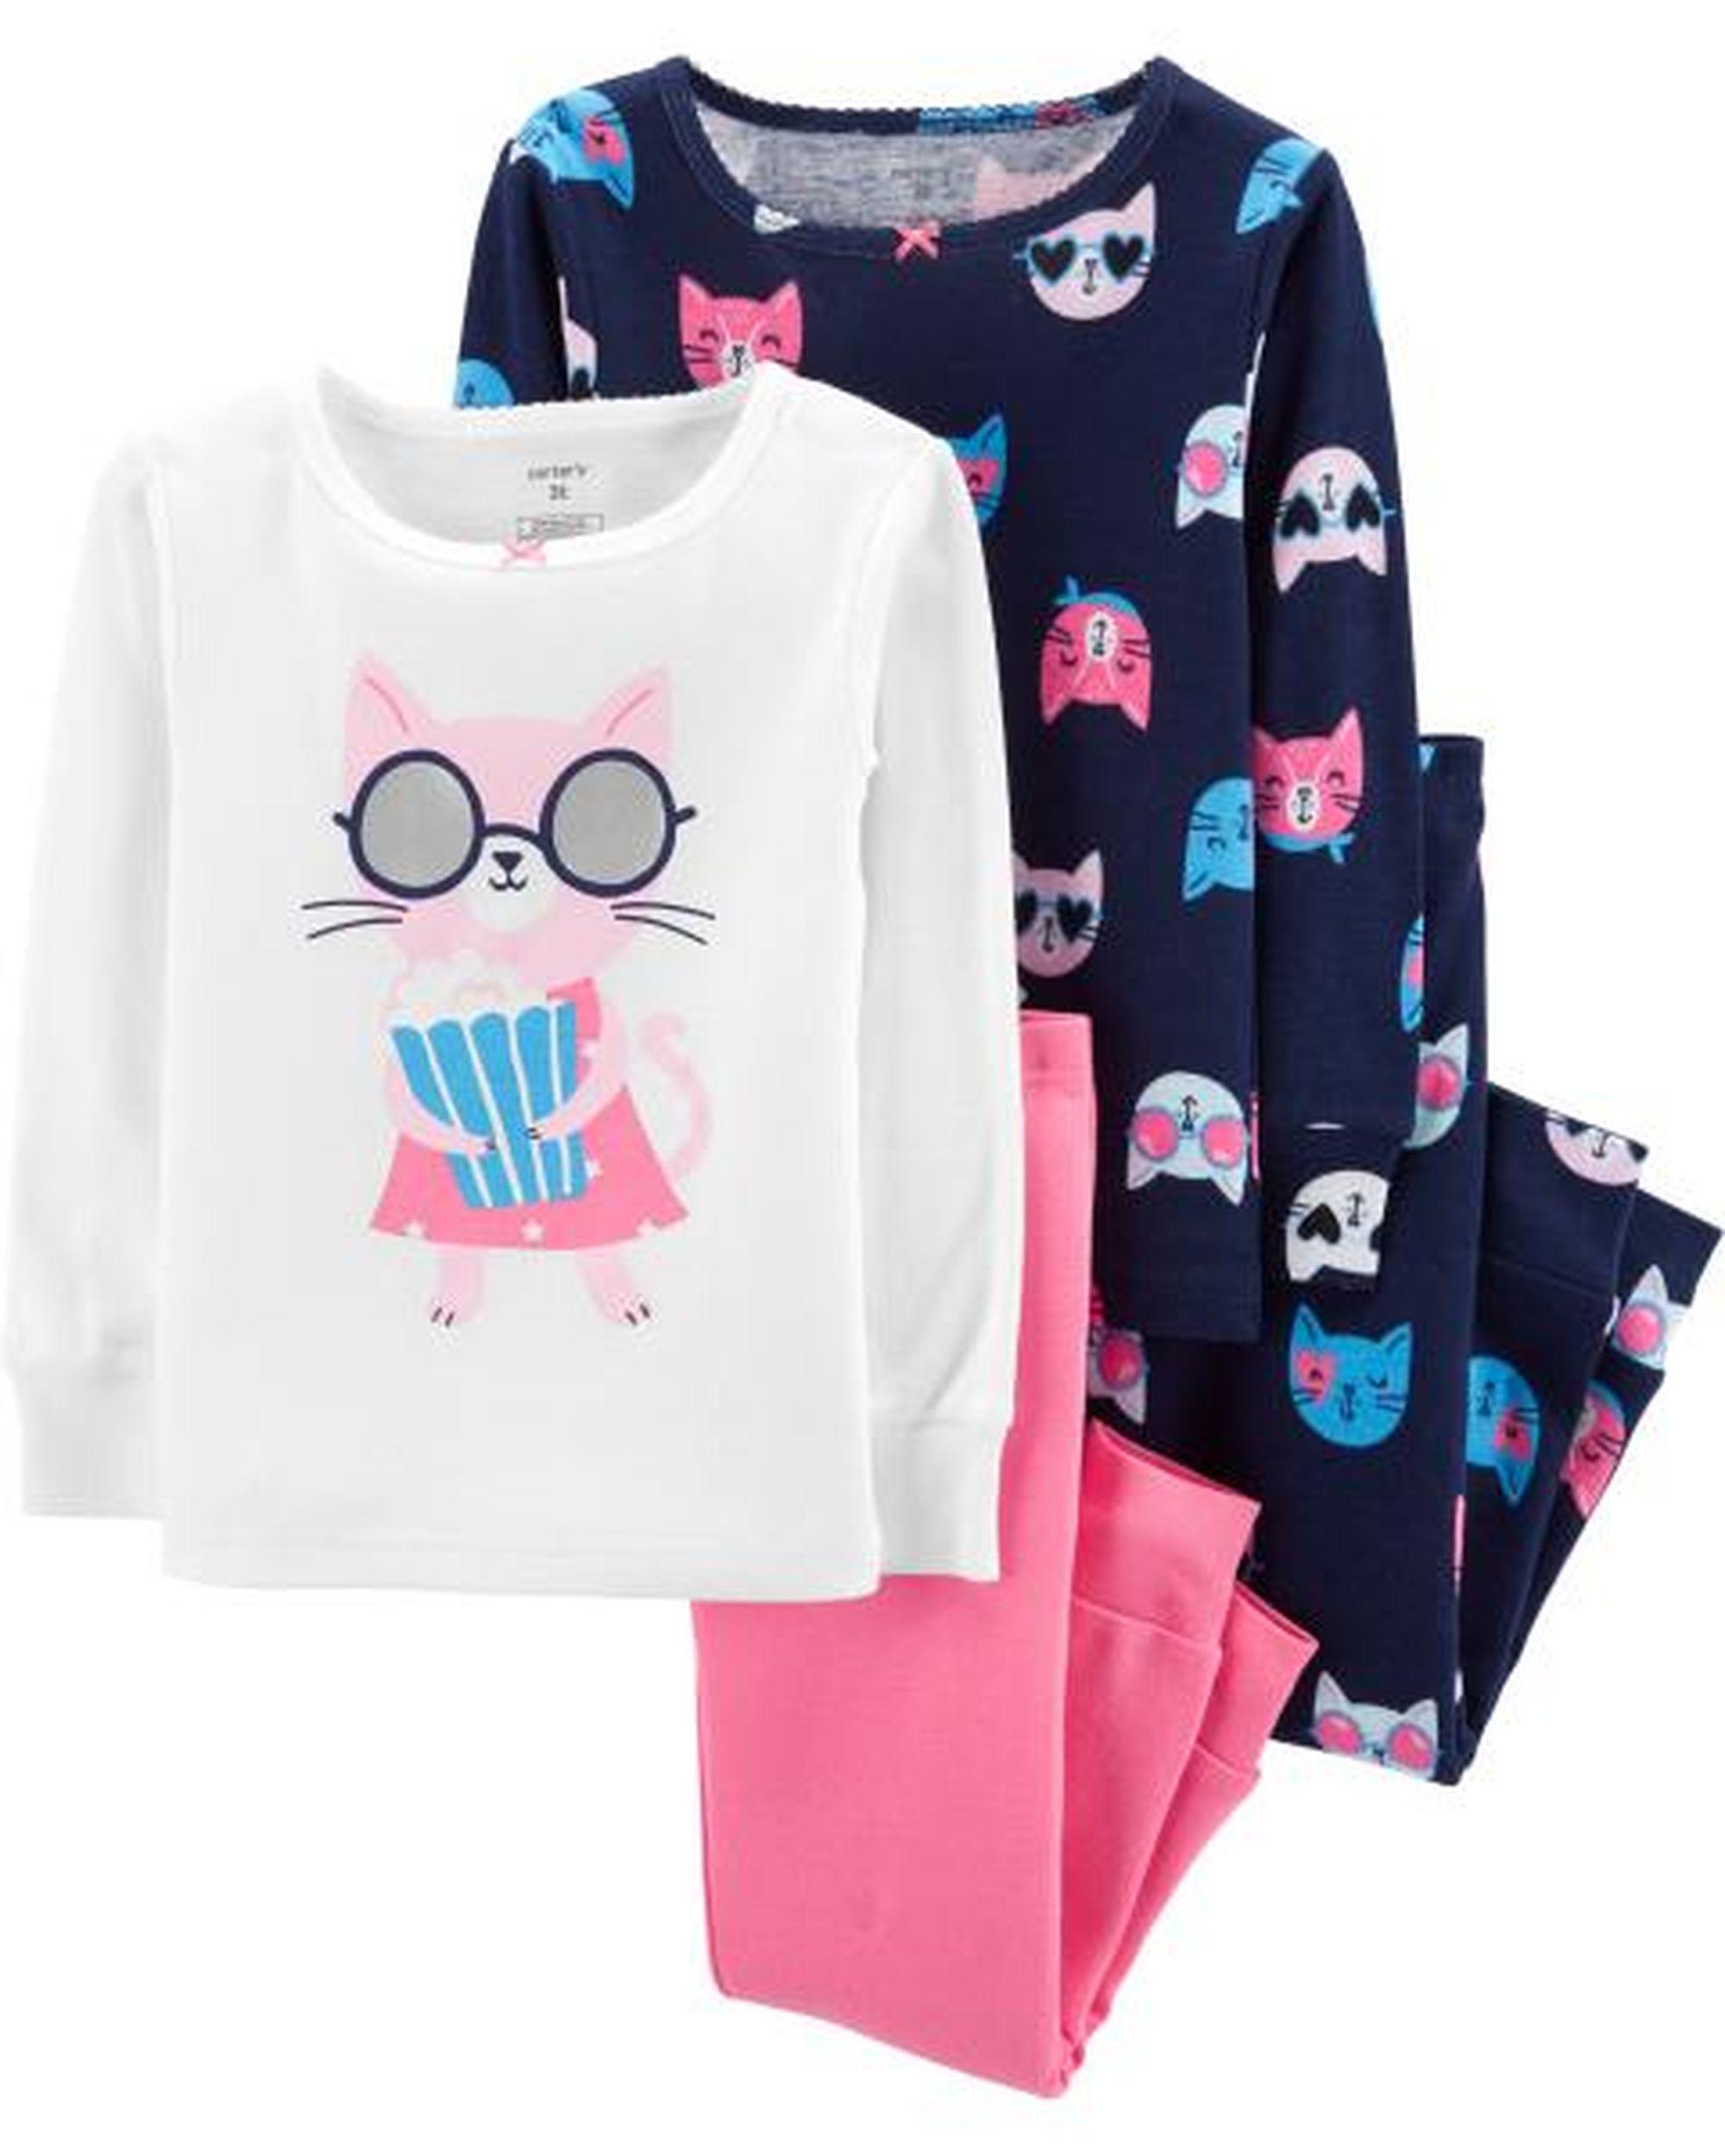 Піжама для дівчинки 1шт. (білий реглан і рожеві штани) Carter`s 1655200  купити за 225 грн. в Україні. 5fa1111b62908